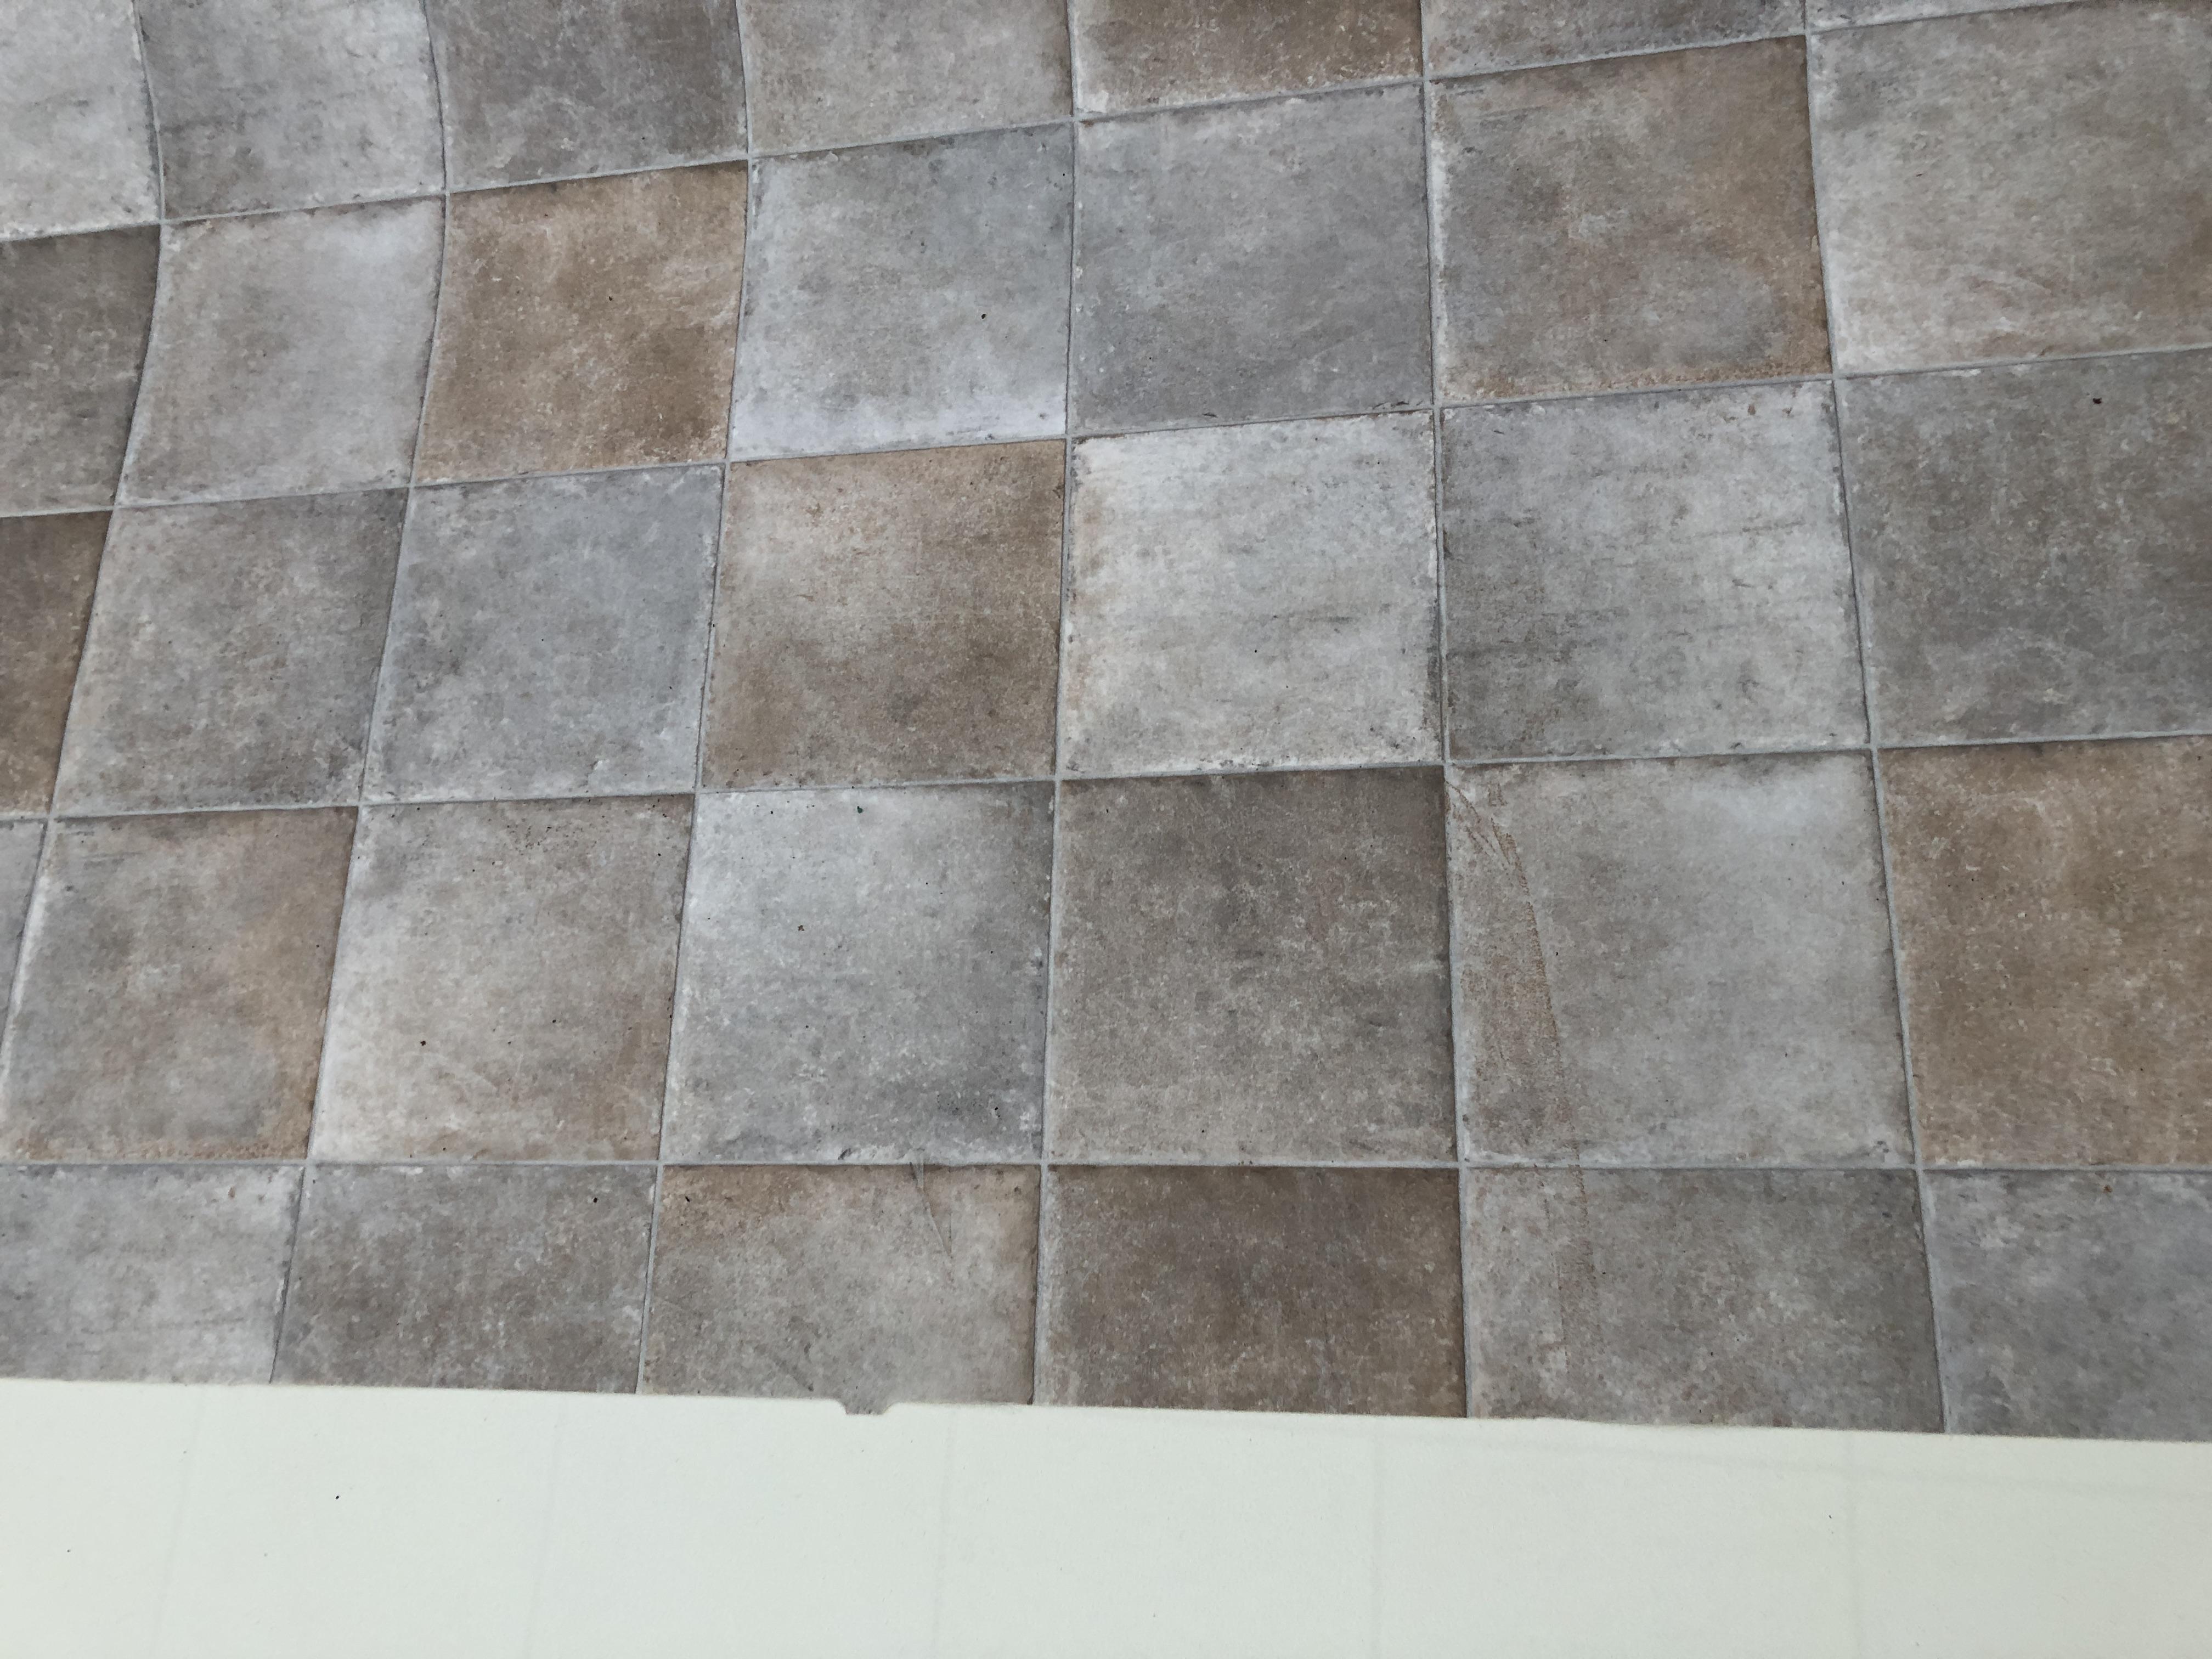 Goedkope Vinyl Restanten : Coupon vinyl restant u20ac 4 p m2 175 x 180 cm u2013 langenbach tapijt de